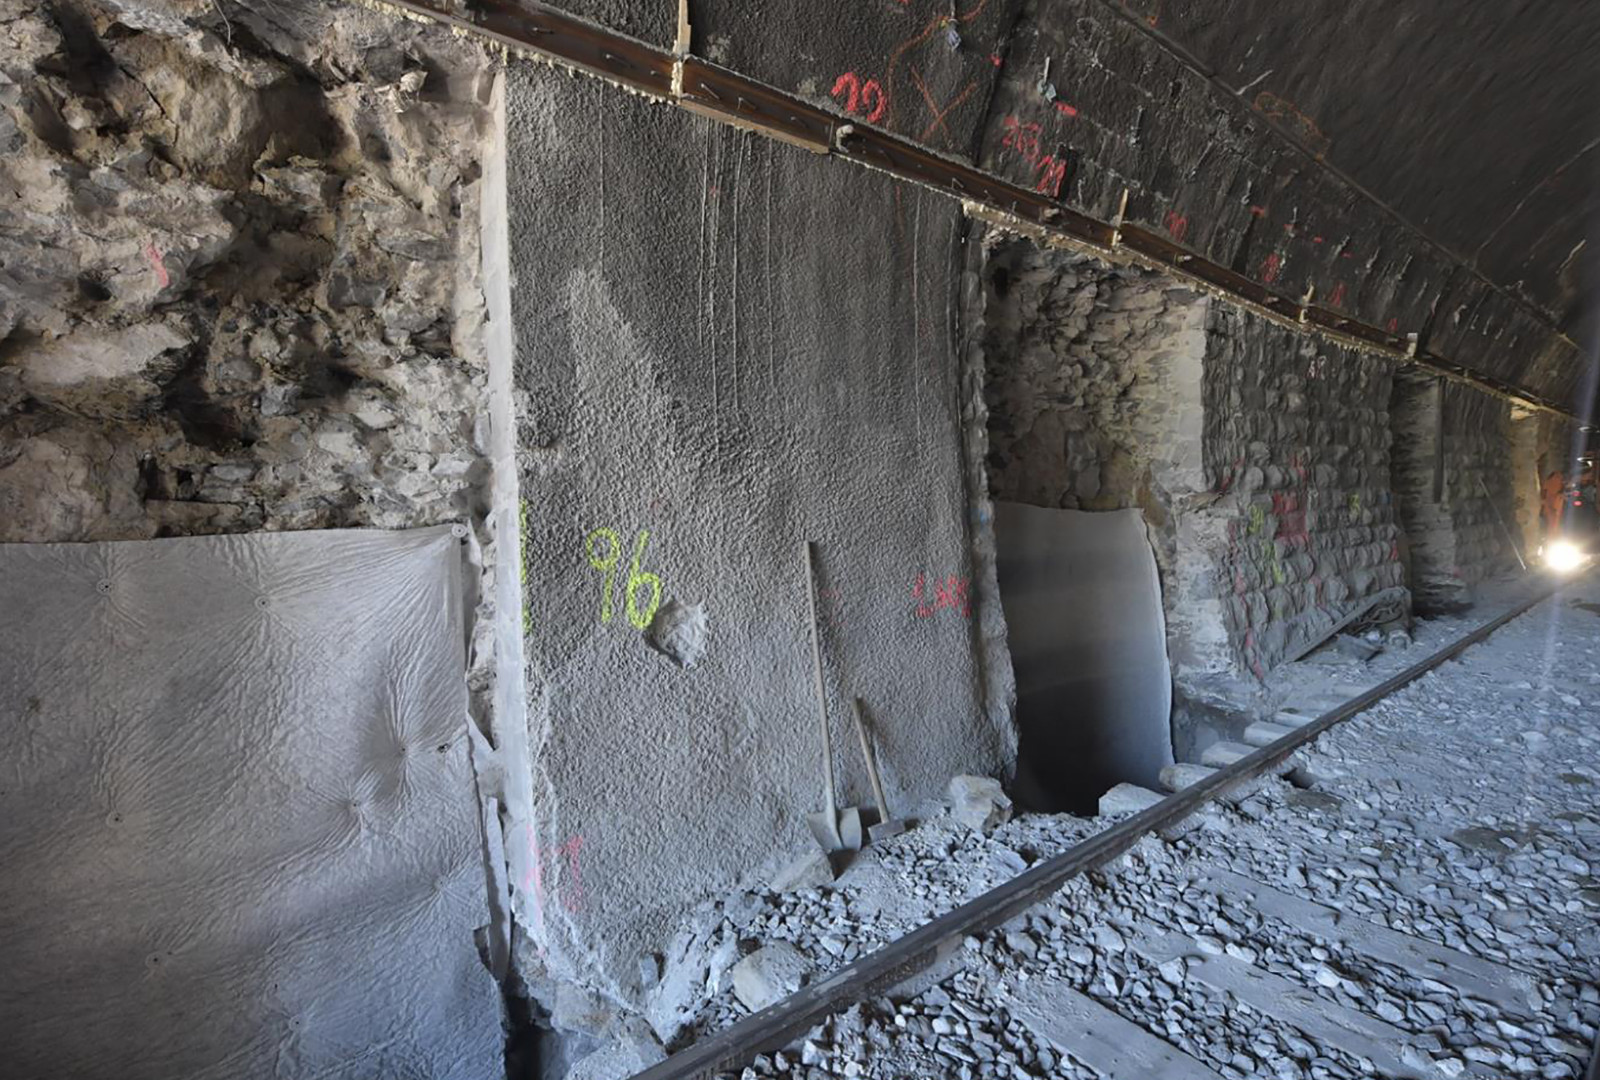 Paramentersatz: Die Tunnelwände werden Etappe um Etappe in Ortbeton neu erstellt